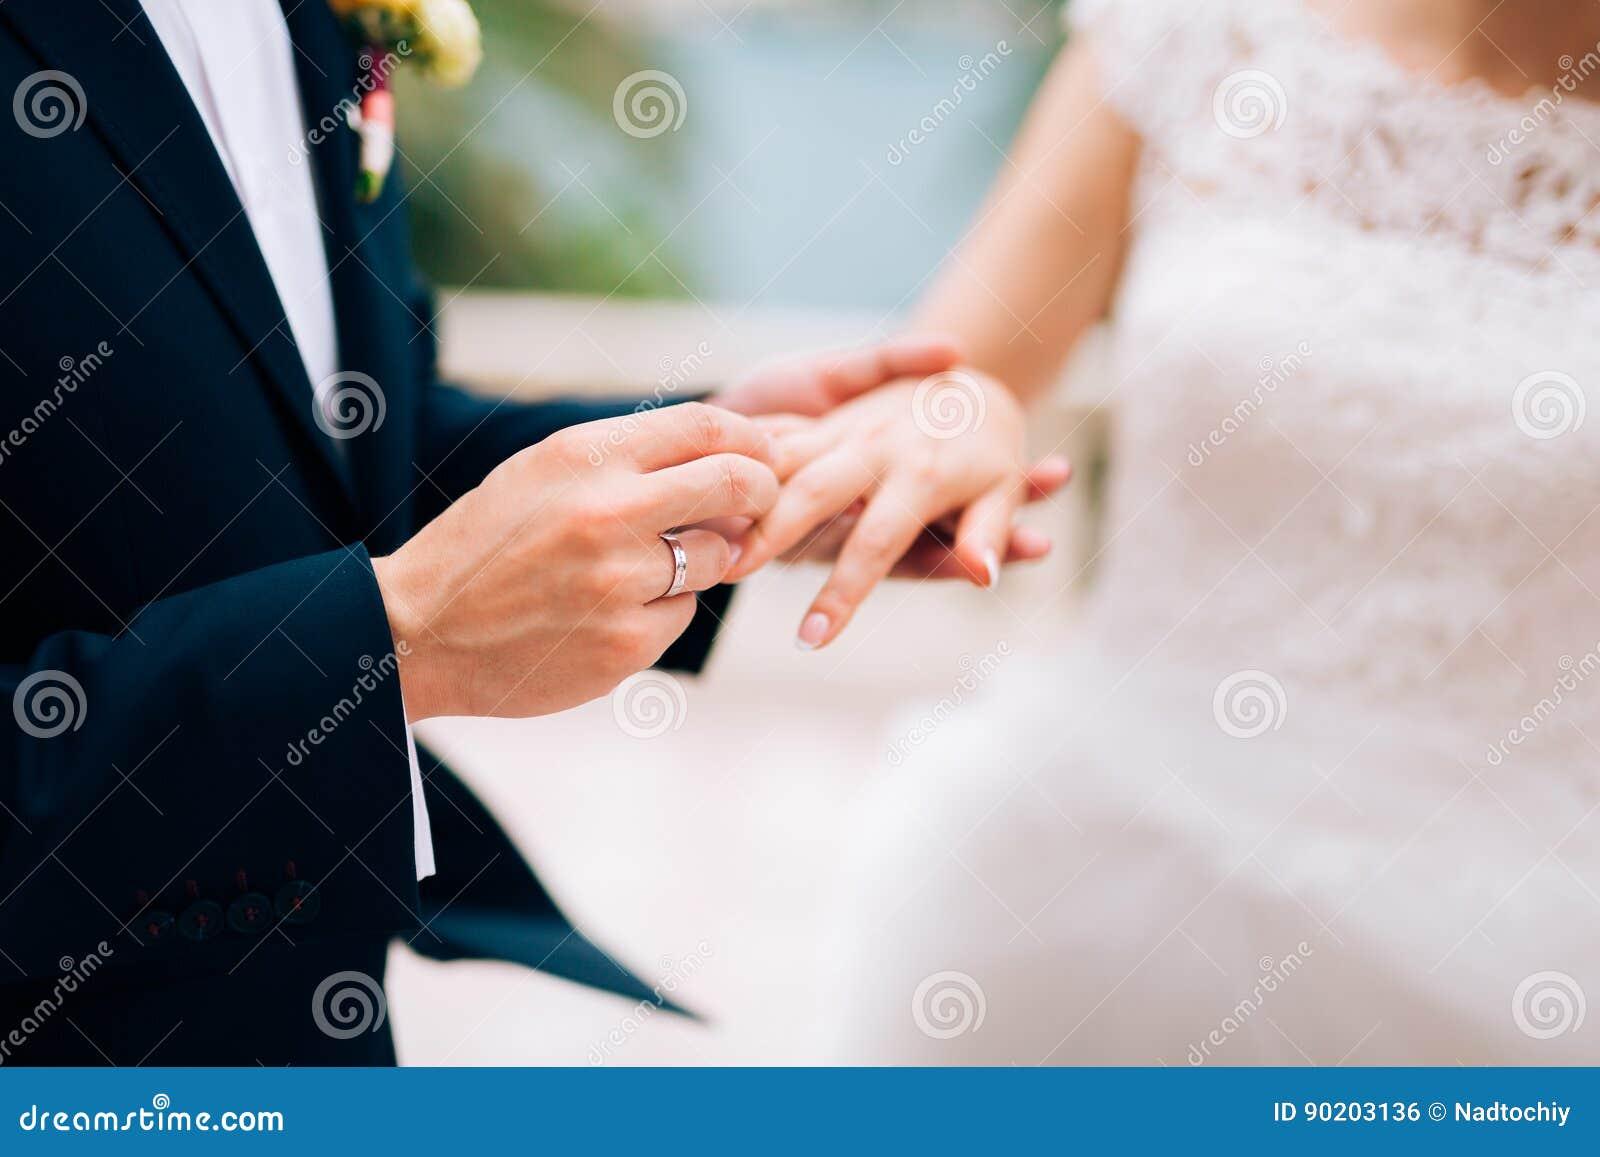 Der Bräutigam kleidet einen Ring auf dem Finger der Braut an einer Hochzeit